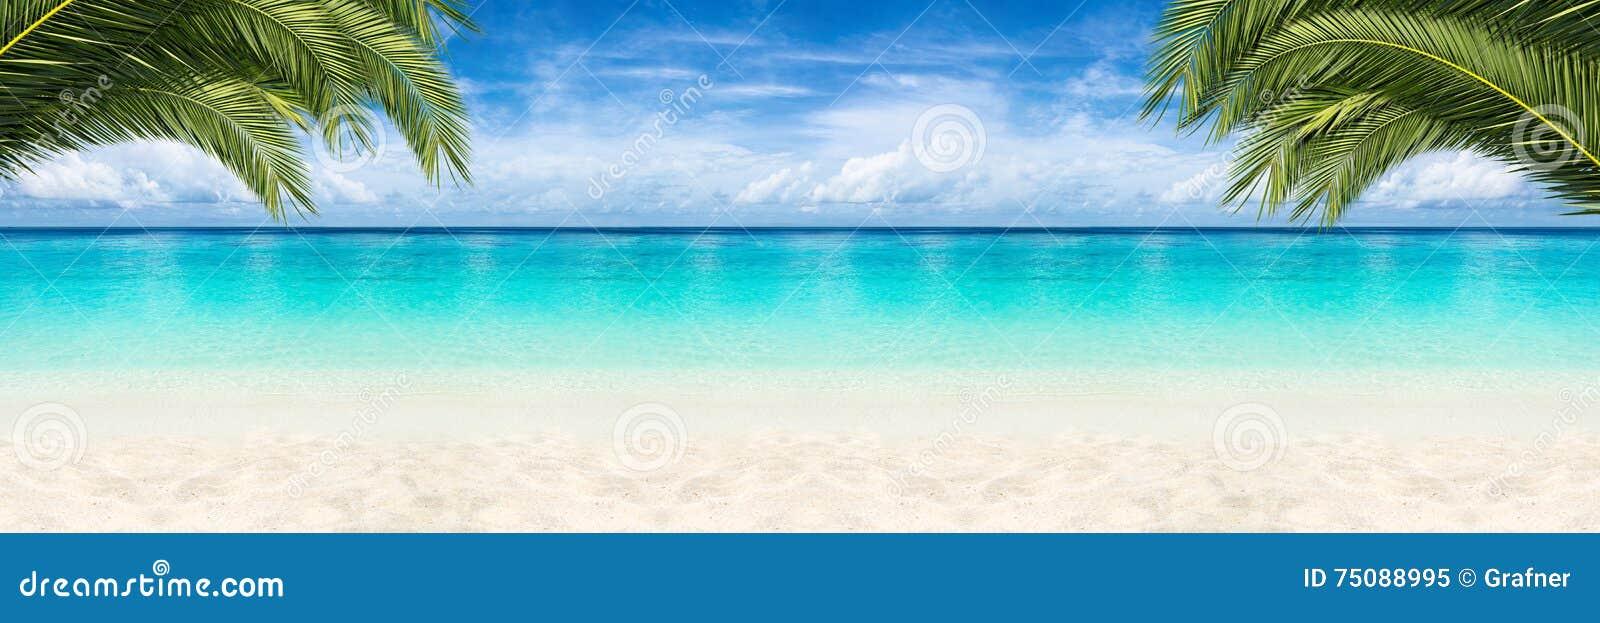 天堂海滩背景